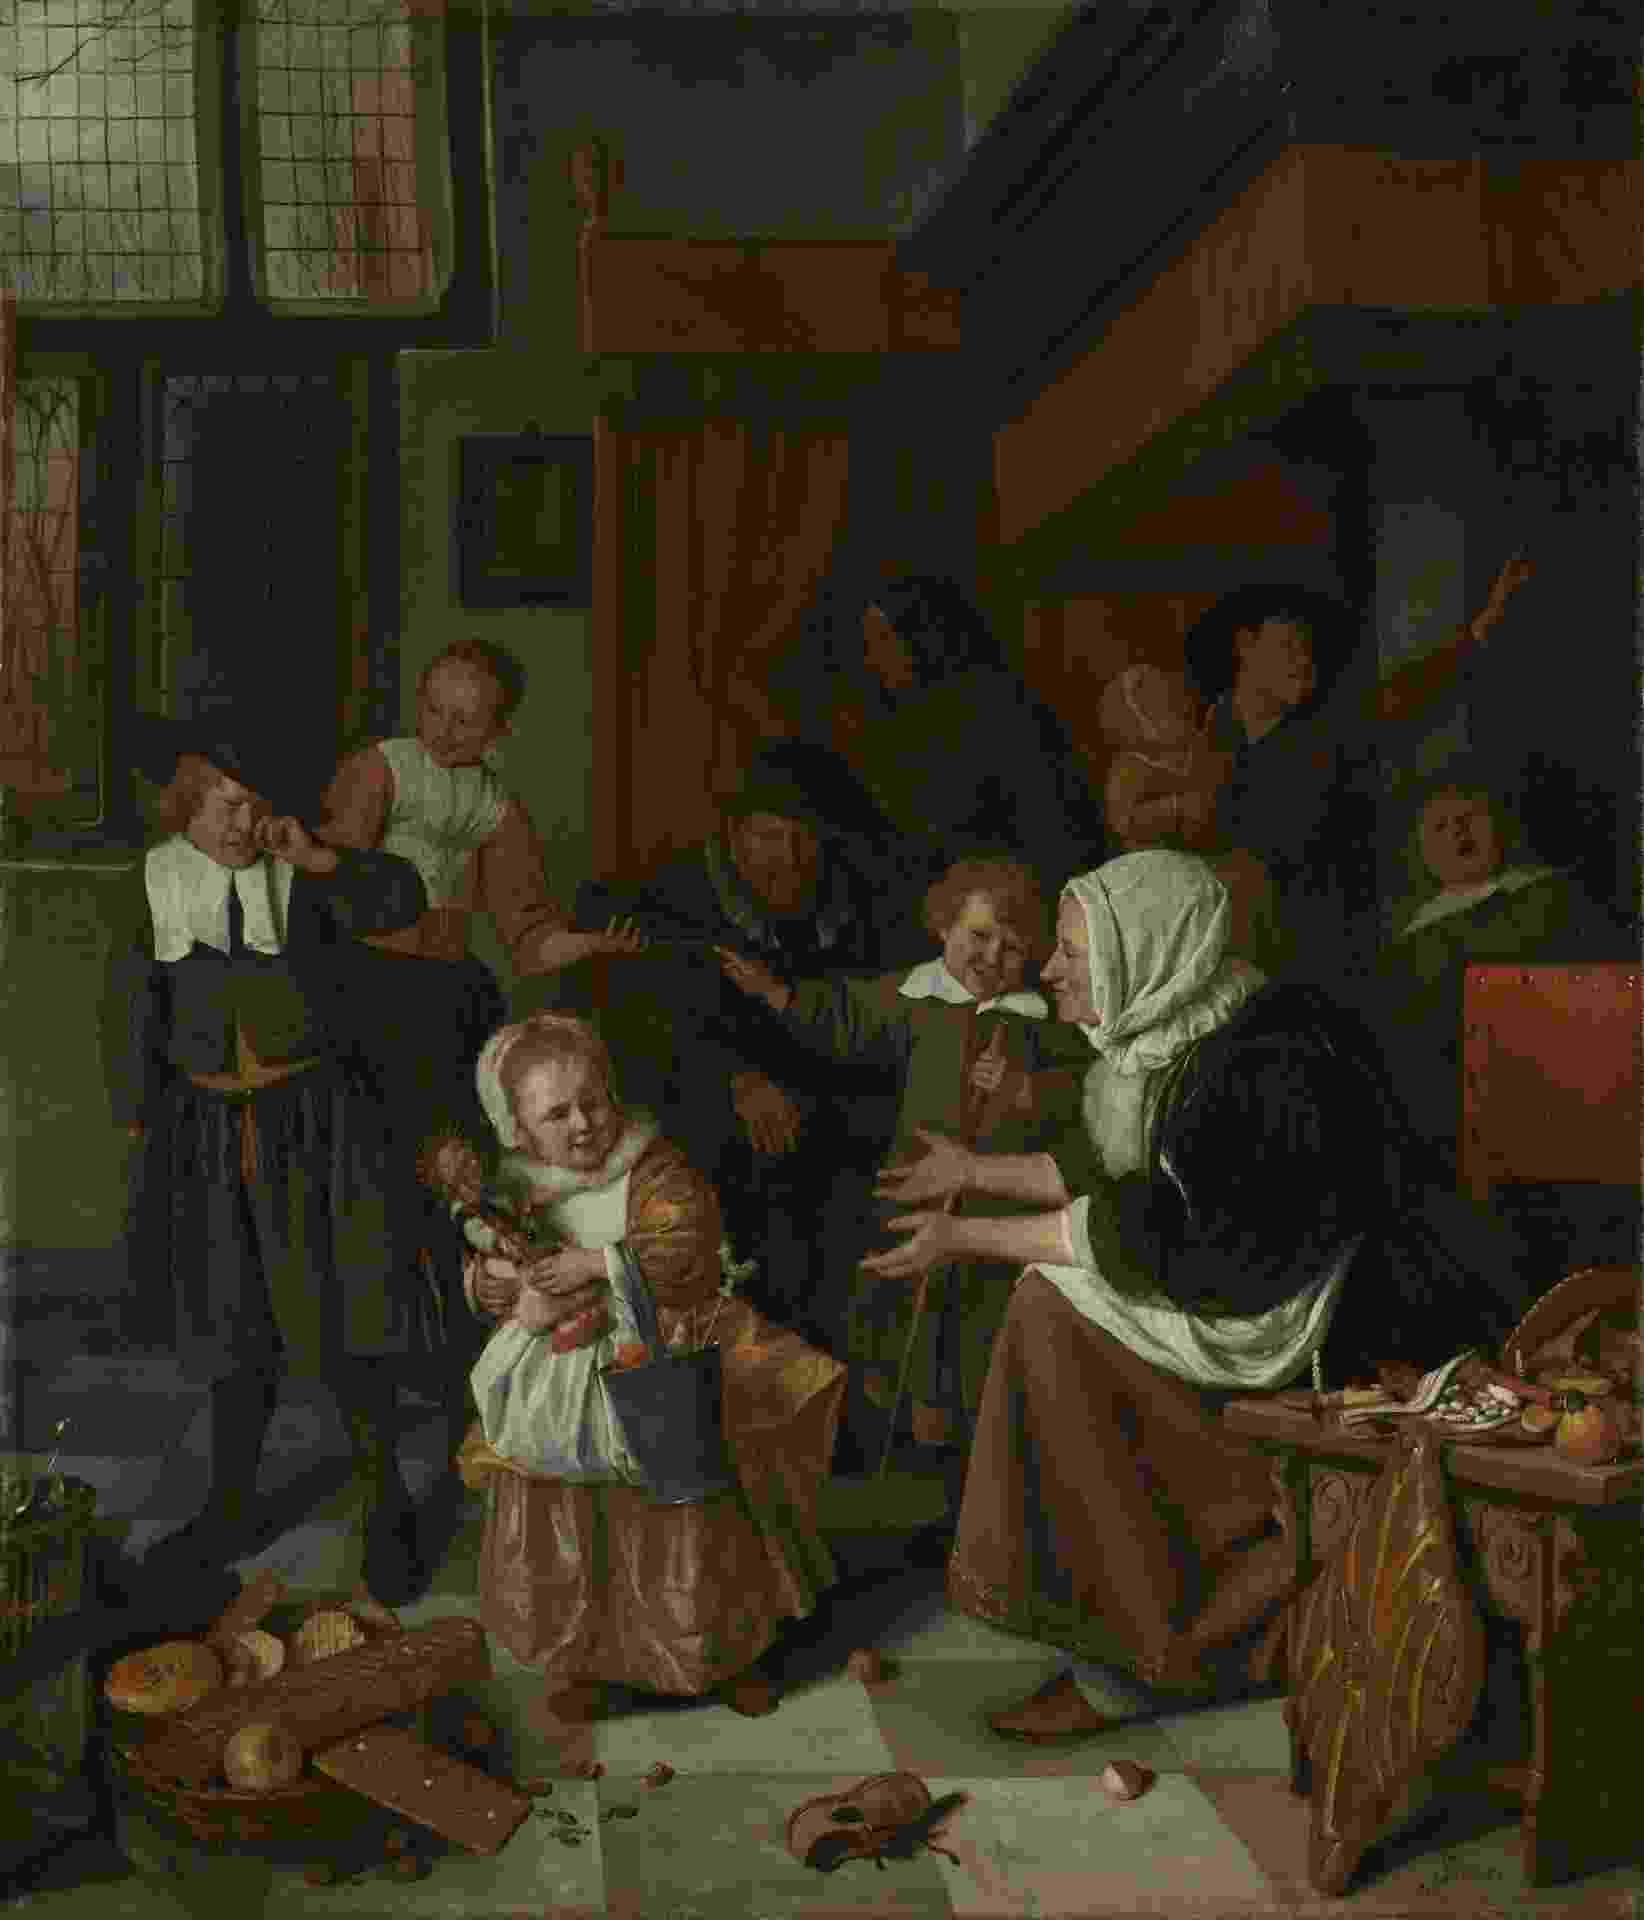 """O óleo sobre tela de Steen Jan Havicksz (1665-1668), batizado de """"A Festa de São Nicolau, impressiona pelos detalhes emostra uma pequena garota brincando com uma imagem sacra. - Steen Jan Havicksz/Rijksmuseum"""